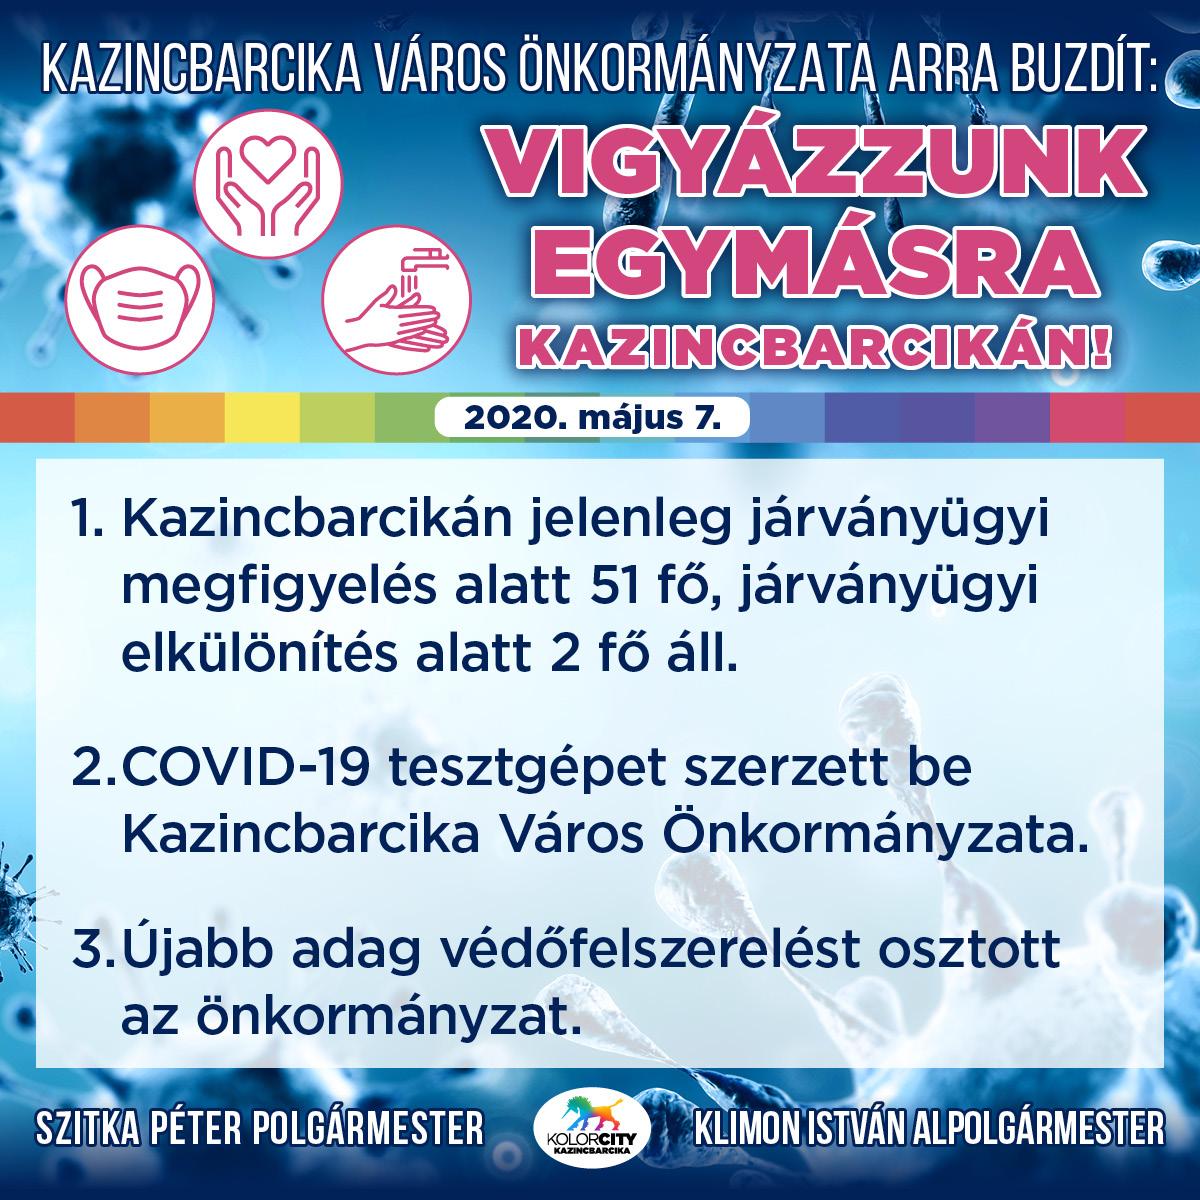 https://kolorline.hu/Kazincbarcika Város Önkormányzata arra buzdít: Vigyázzunk egymásra Kazincbarcikán! – 2020. május 7.